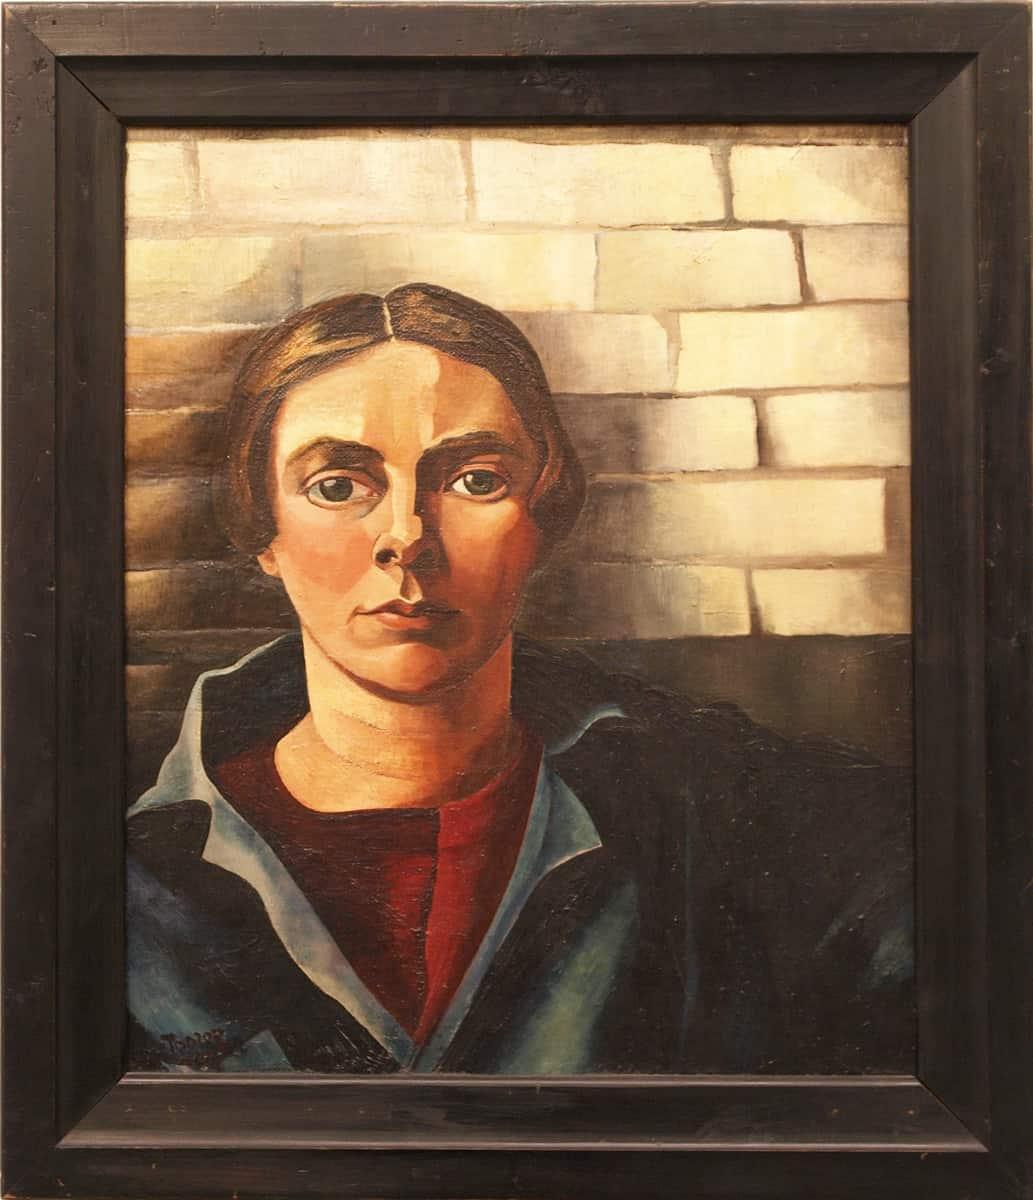 Charley Toorop, Museum Boijmans van Beuningen